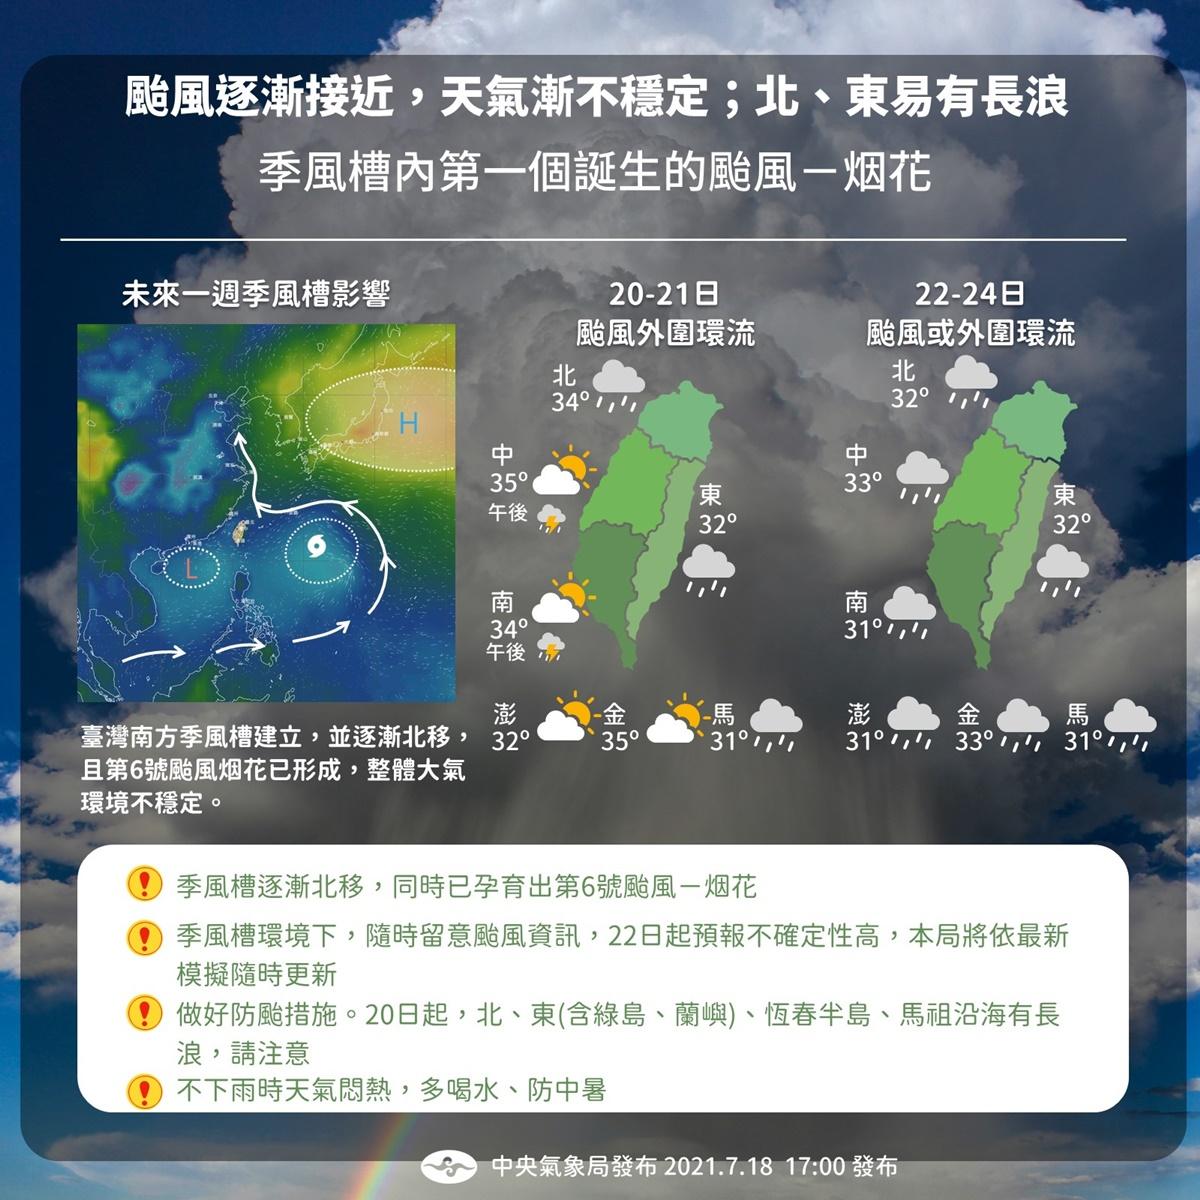 北台灣風雨影響大!第6號颱風「烟花」明起轉「中颱有雨」,預計這時最接近台灣